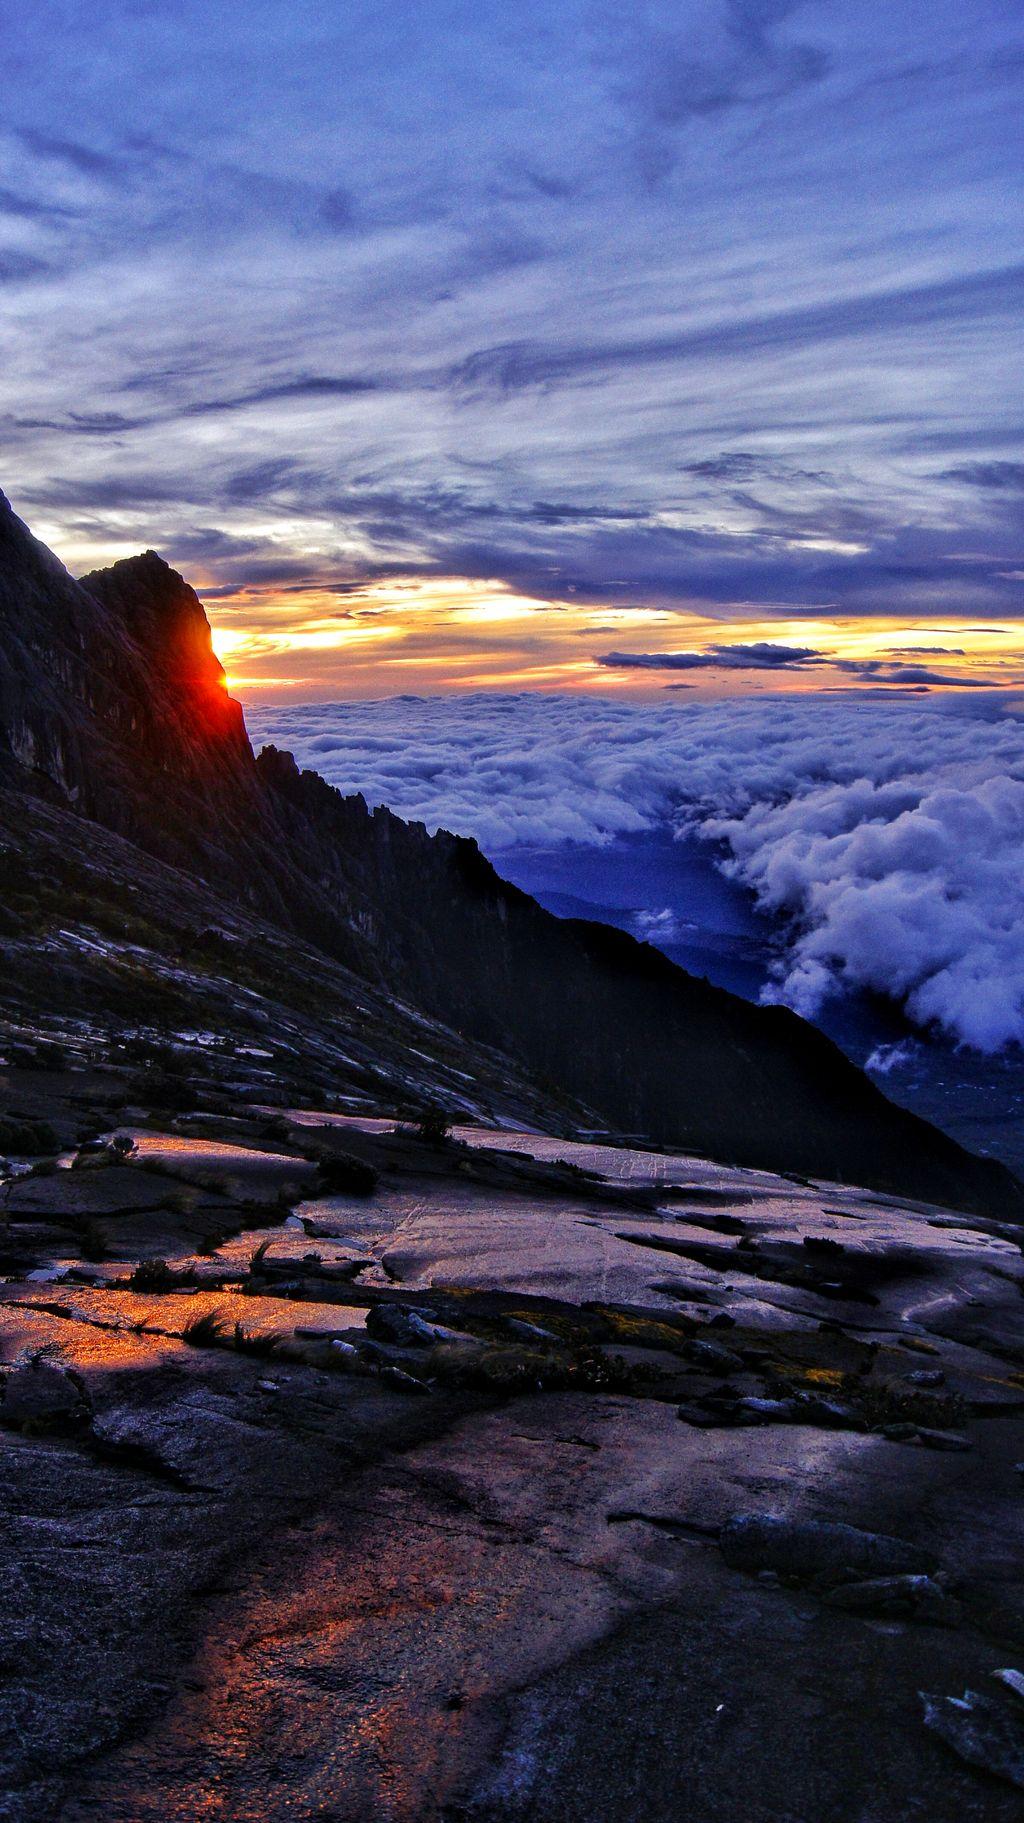 Kota Belud Malaysia  city photos gallery : Mt kinabalu 88300 kota belud sabah malaysia 23704 1375135787